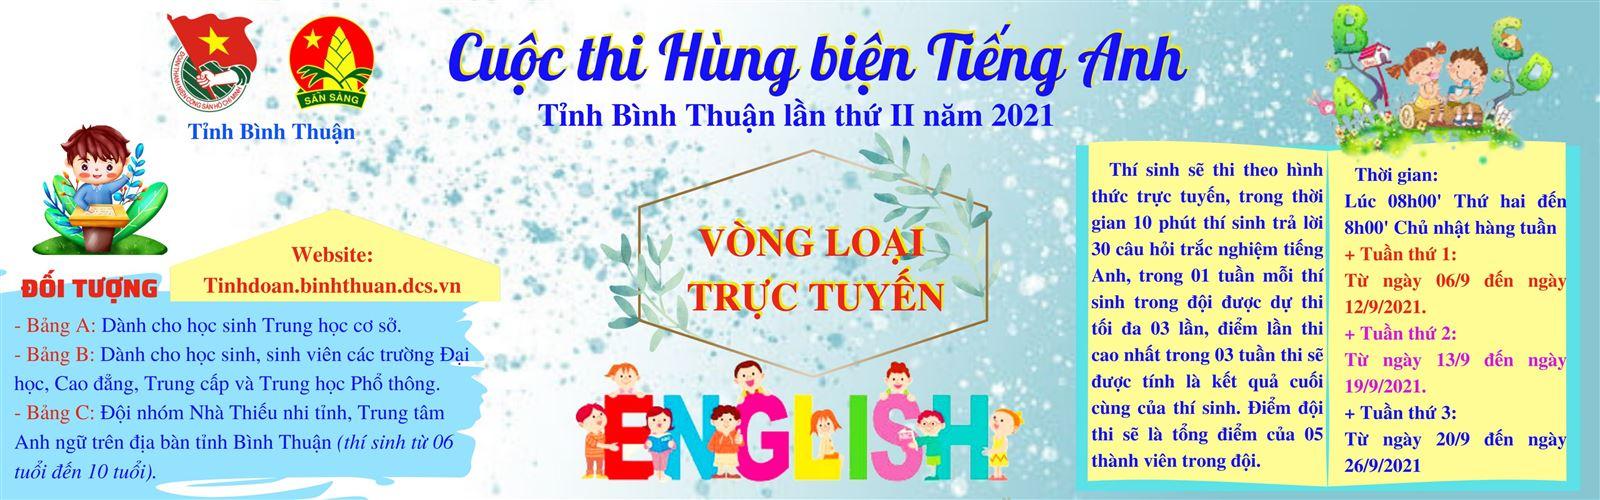 """Cuộc thi """"Hùng biện Tiếng Anh"""" tỉnh Bình Thuận lần thứ II, năm 2021"""